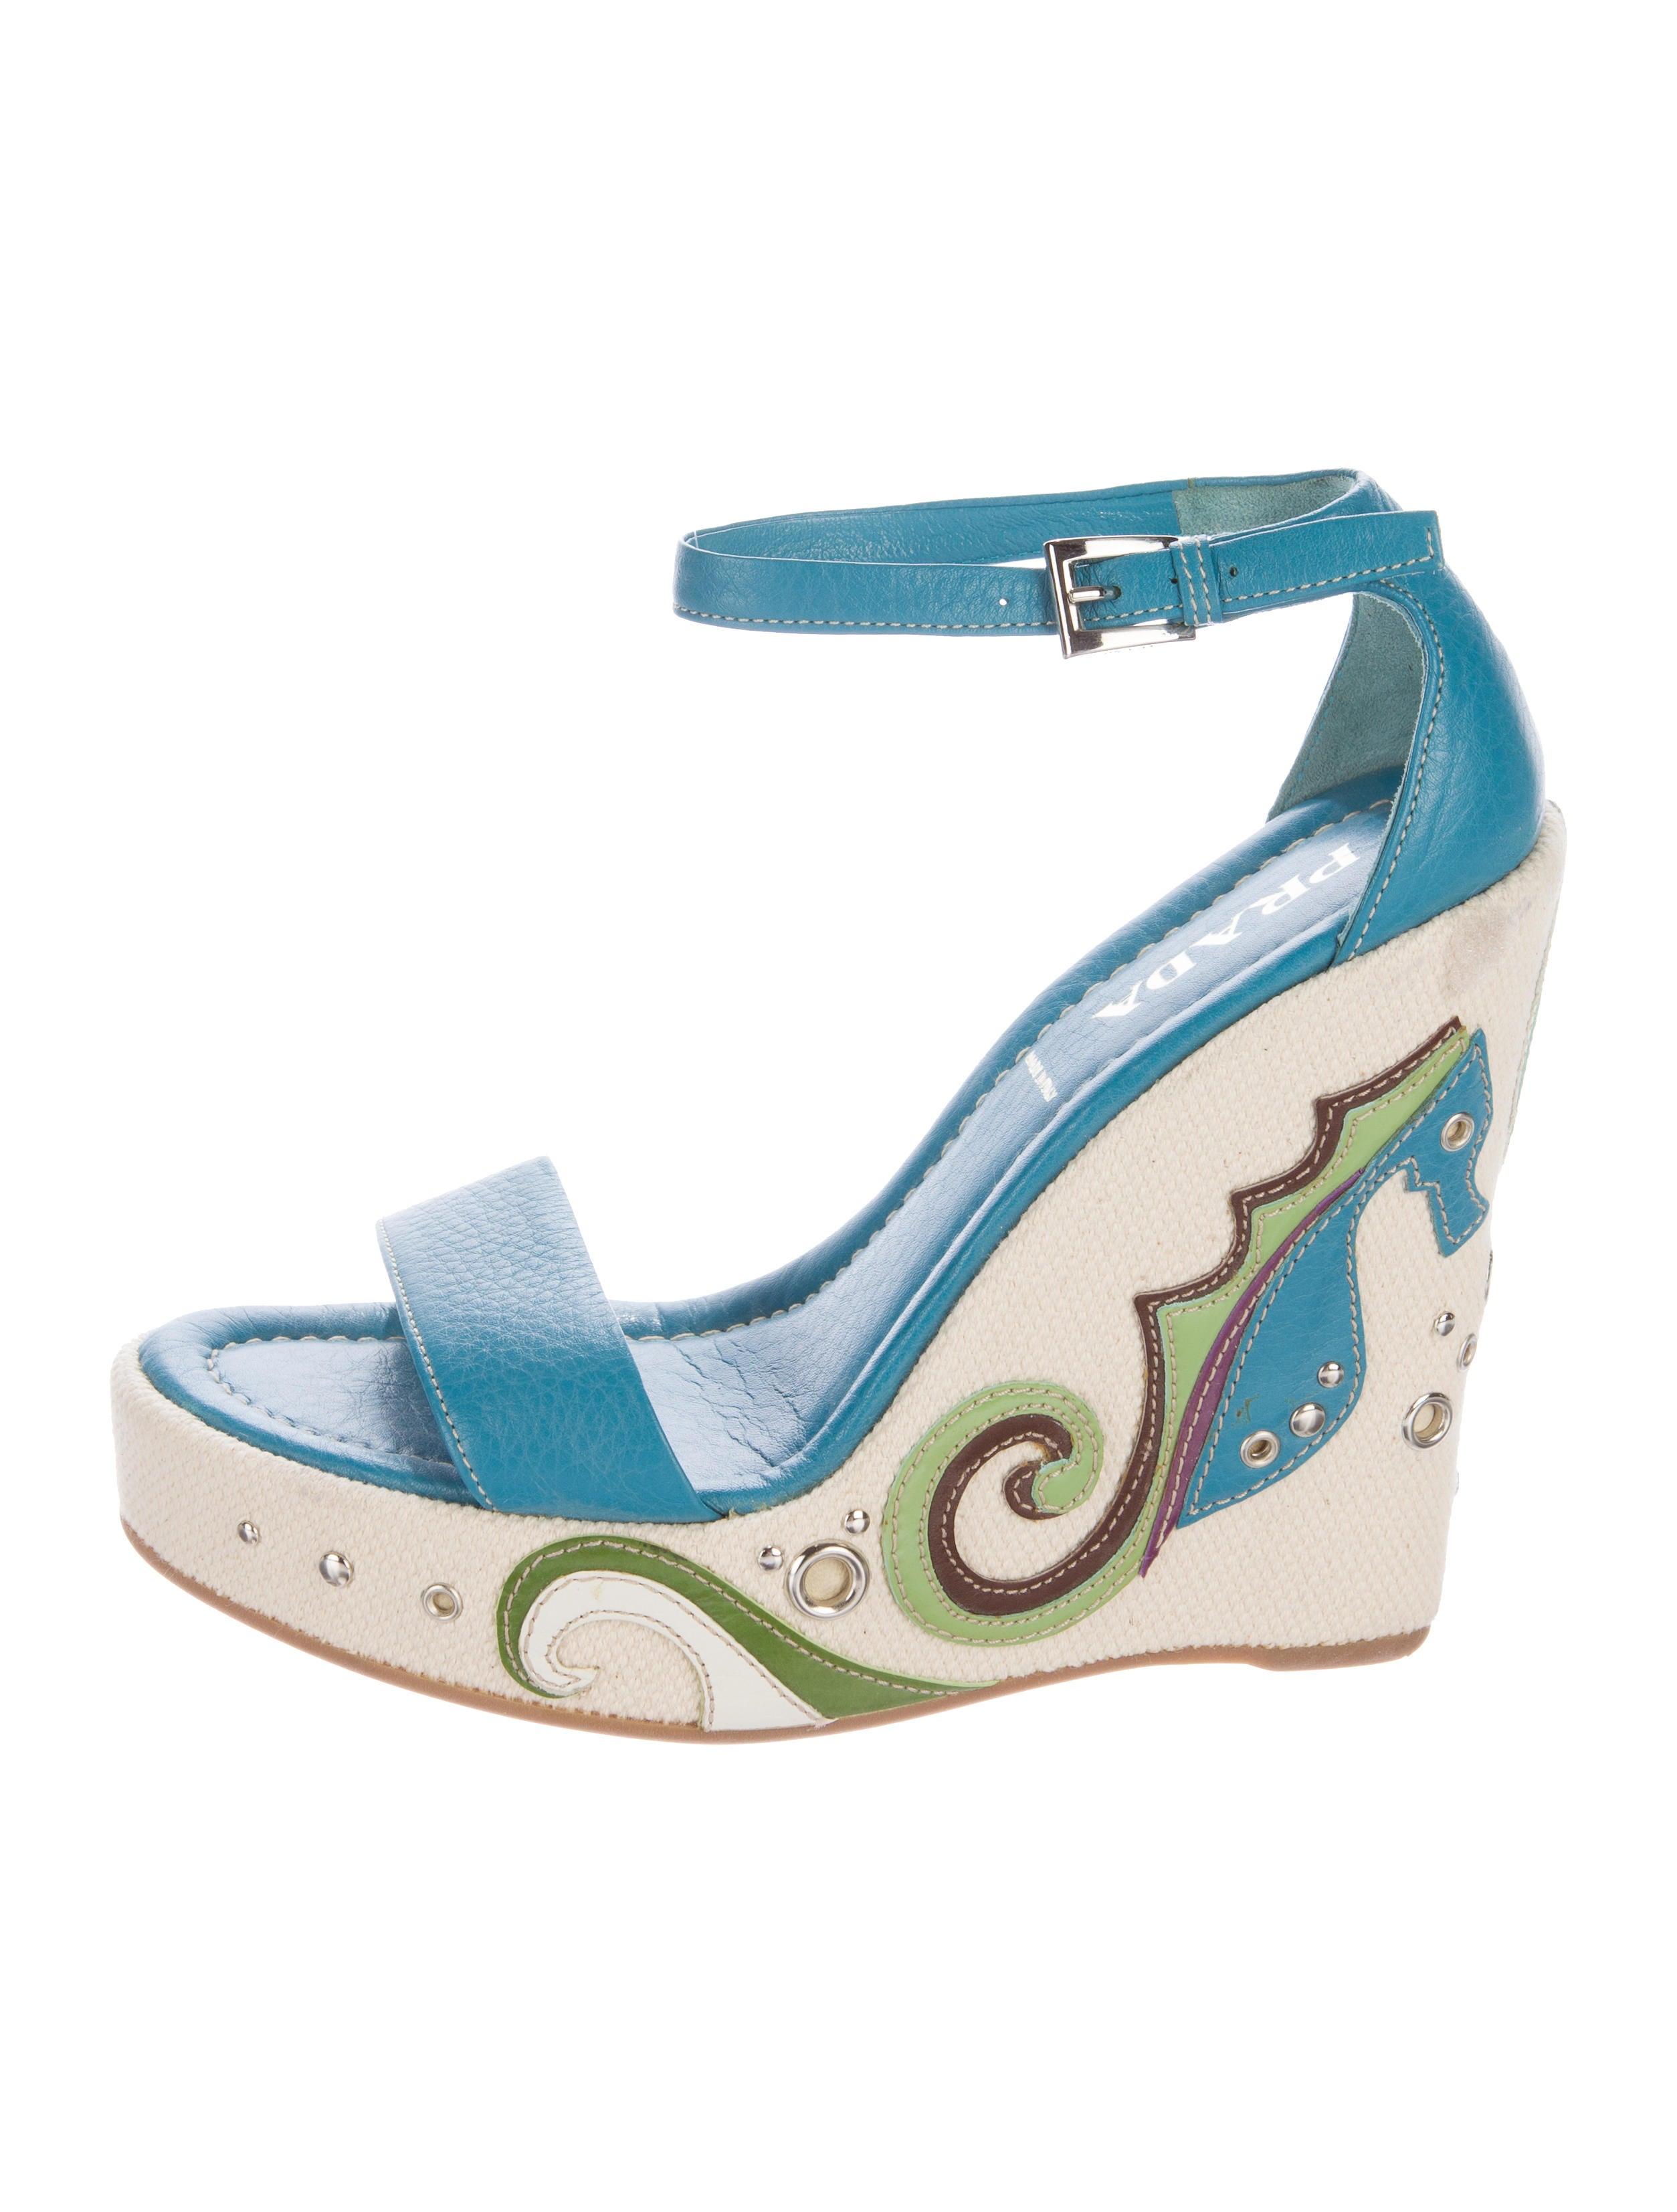 a6d41acb1 Prada Seahorse Wedge Sandals - Shoes - PRA135670